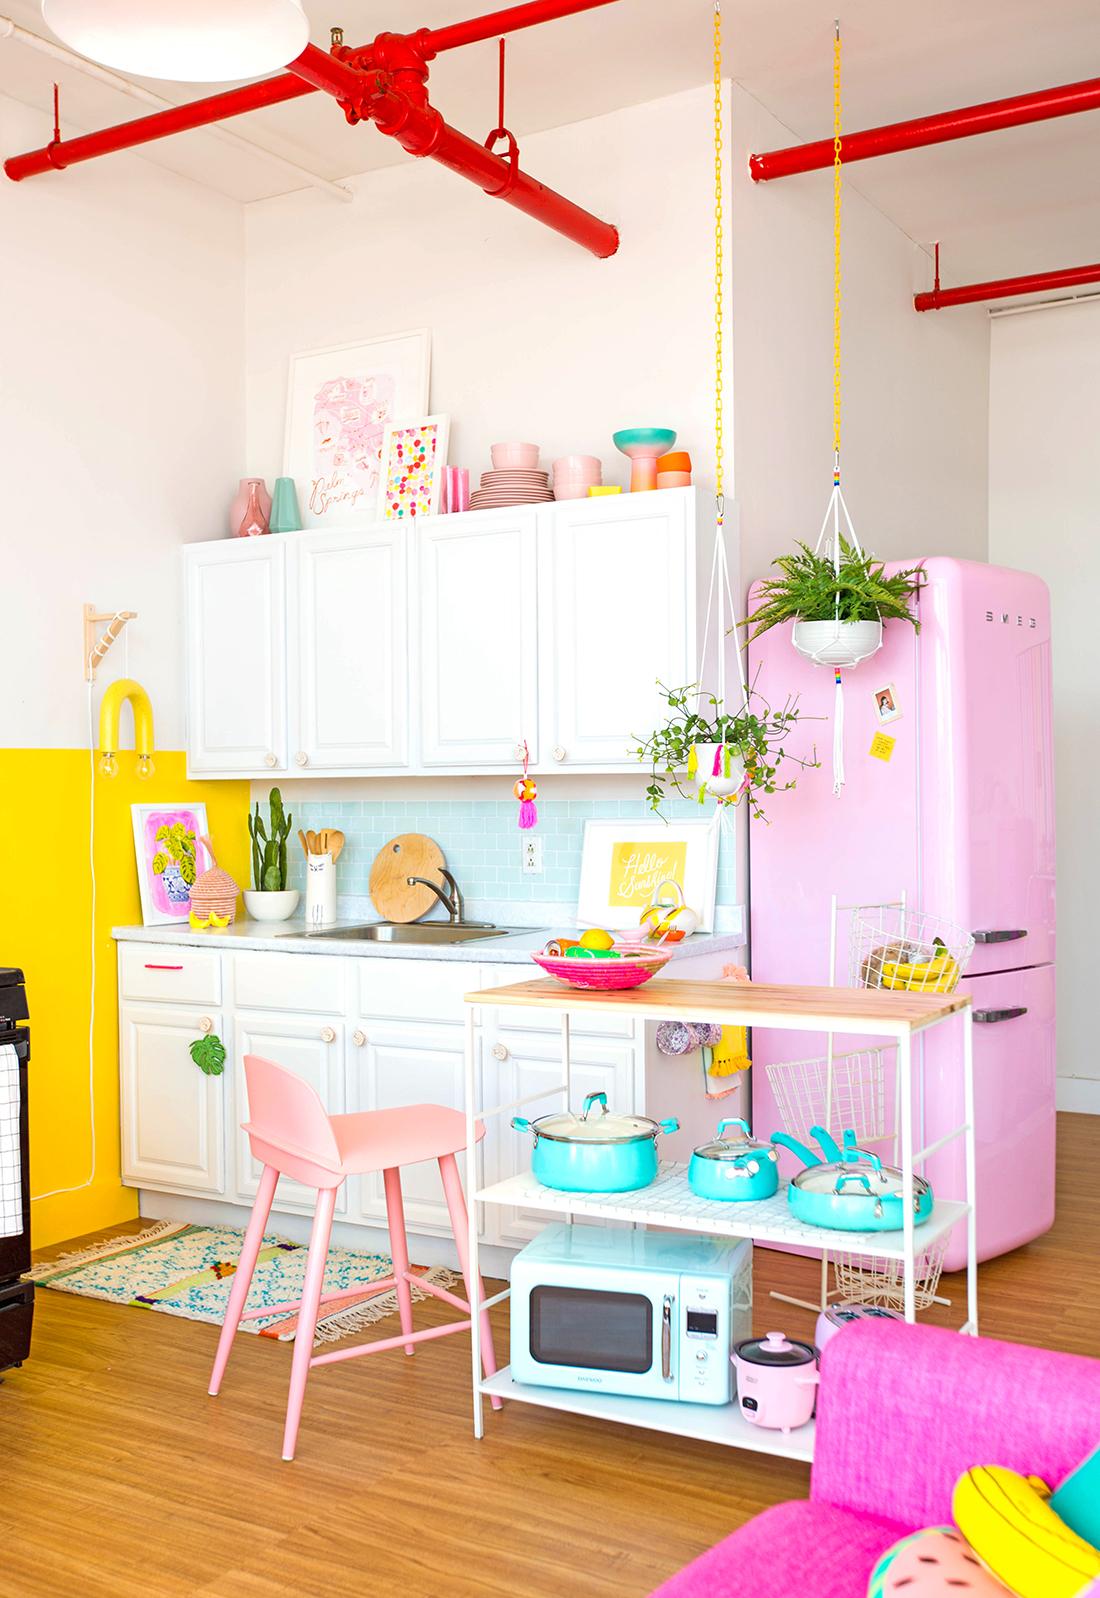 Uma cozinha toda fofa, divertida e cheia de cor